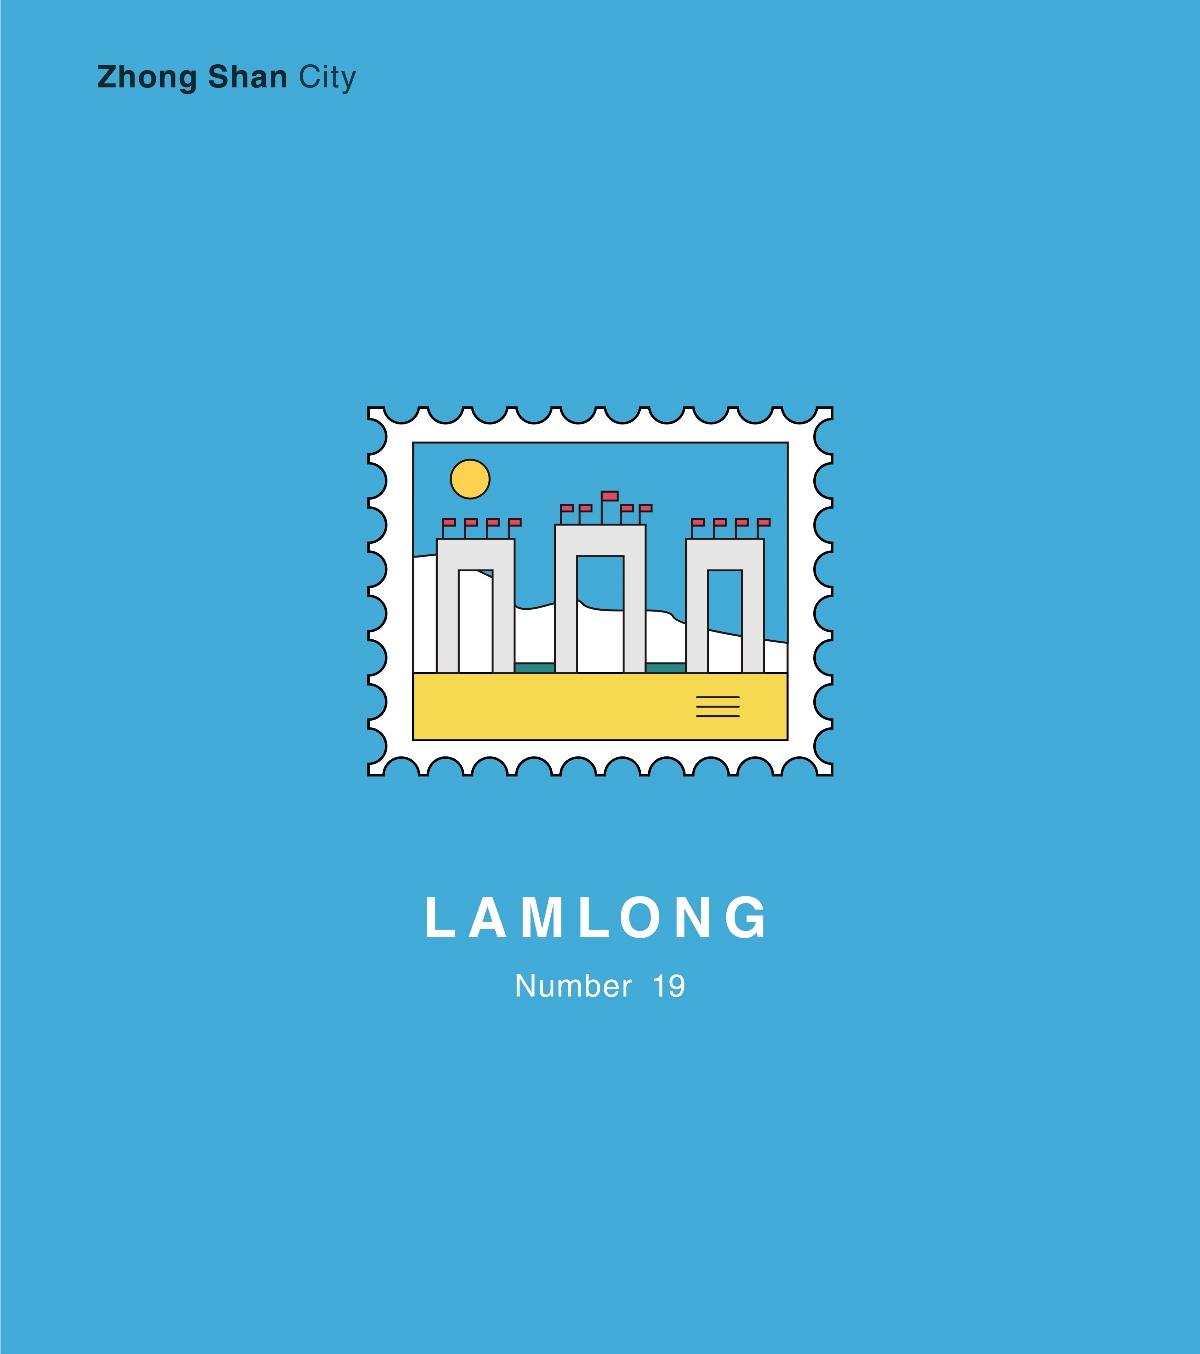 中山城镇地标设计 | 插画设计